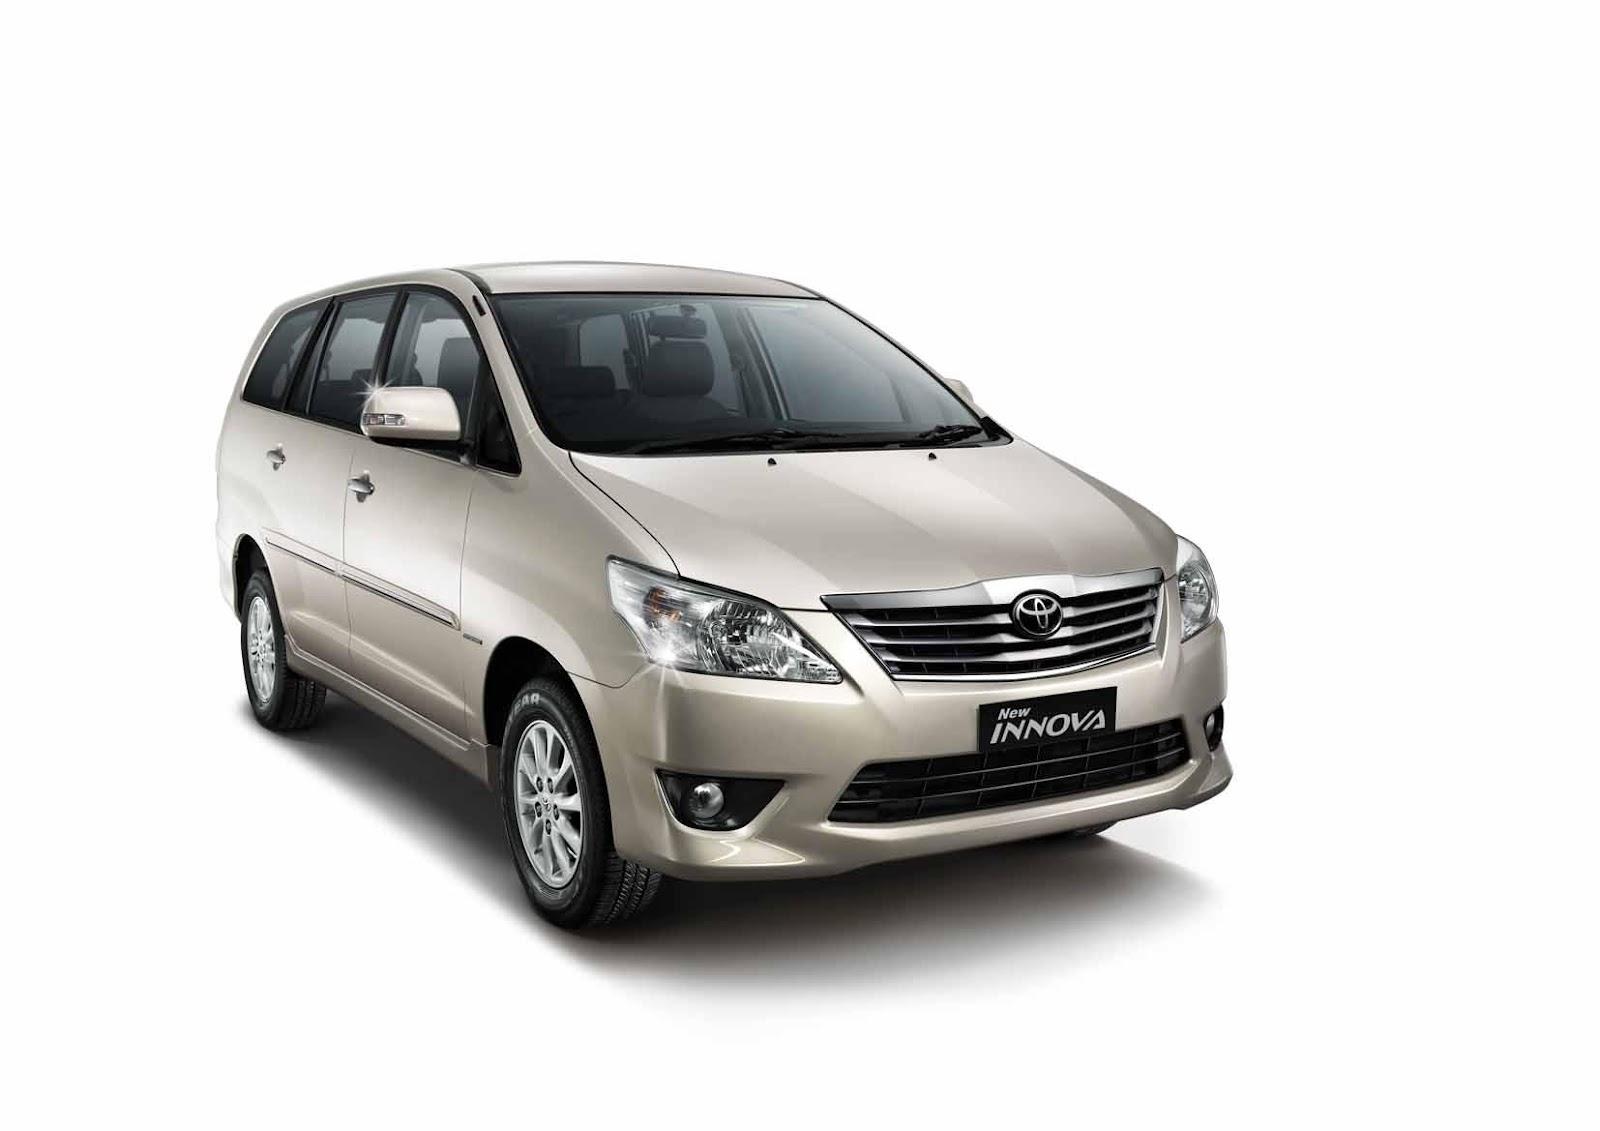 Đơn vị thuê xe Toyota Innovadài hạntạiCô Tô Vân Đồn uy tín